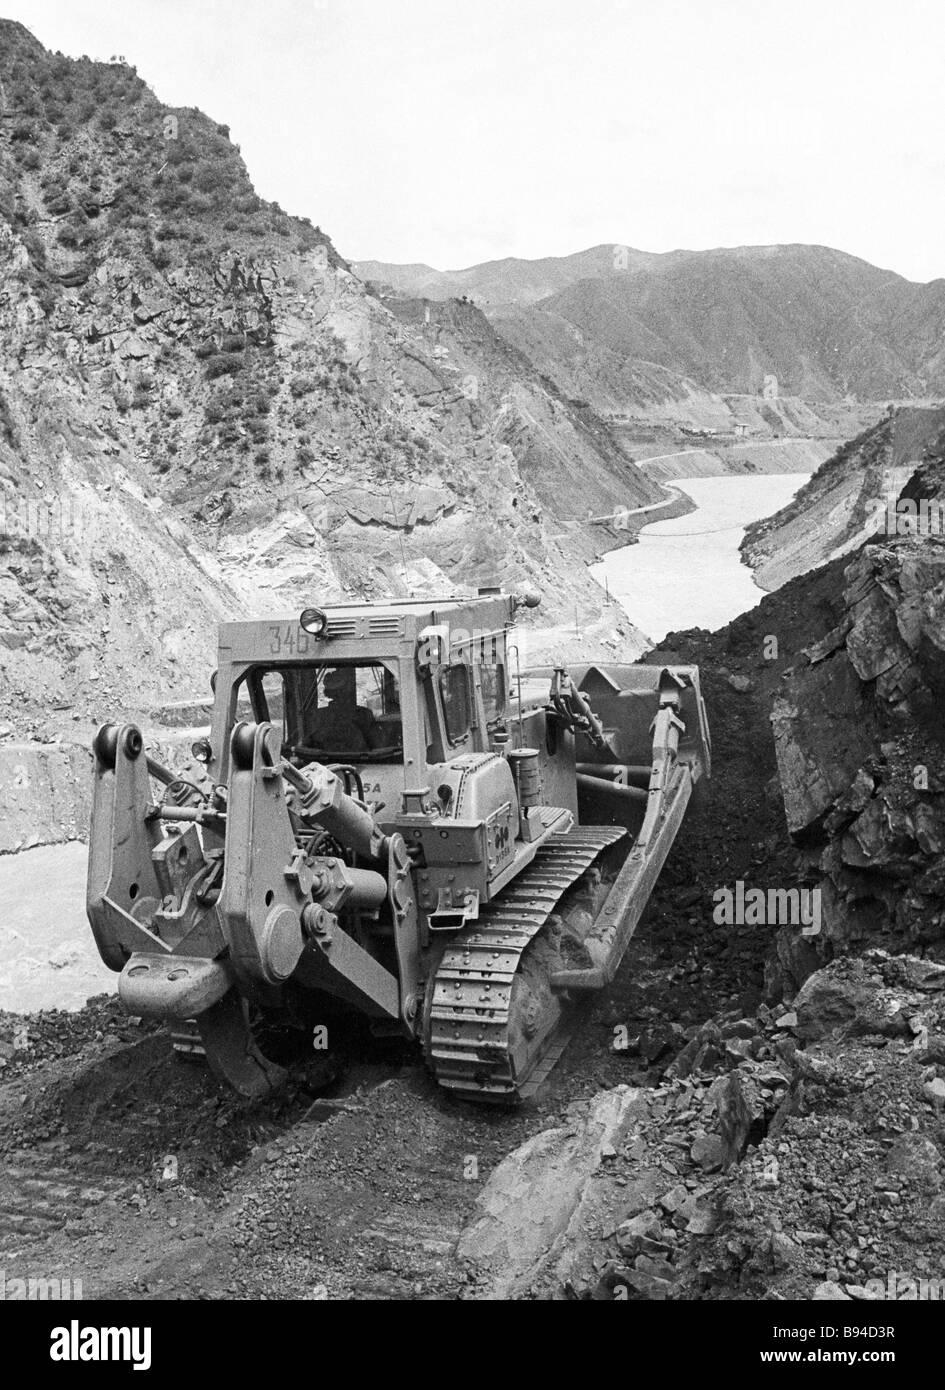 Planierraupe Skalolaz Cliff Hanger erweitert Wachsch s Ufer beim Bau der Rogun-Wasserkraft-Elektrizitätswerk Stockbild